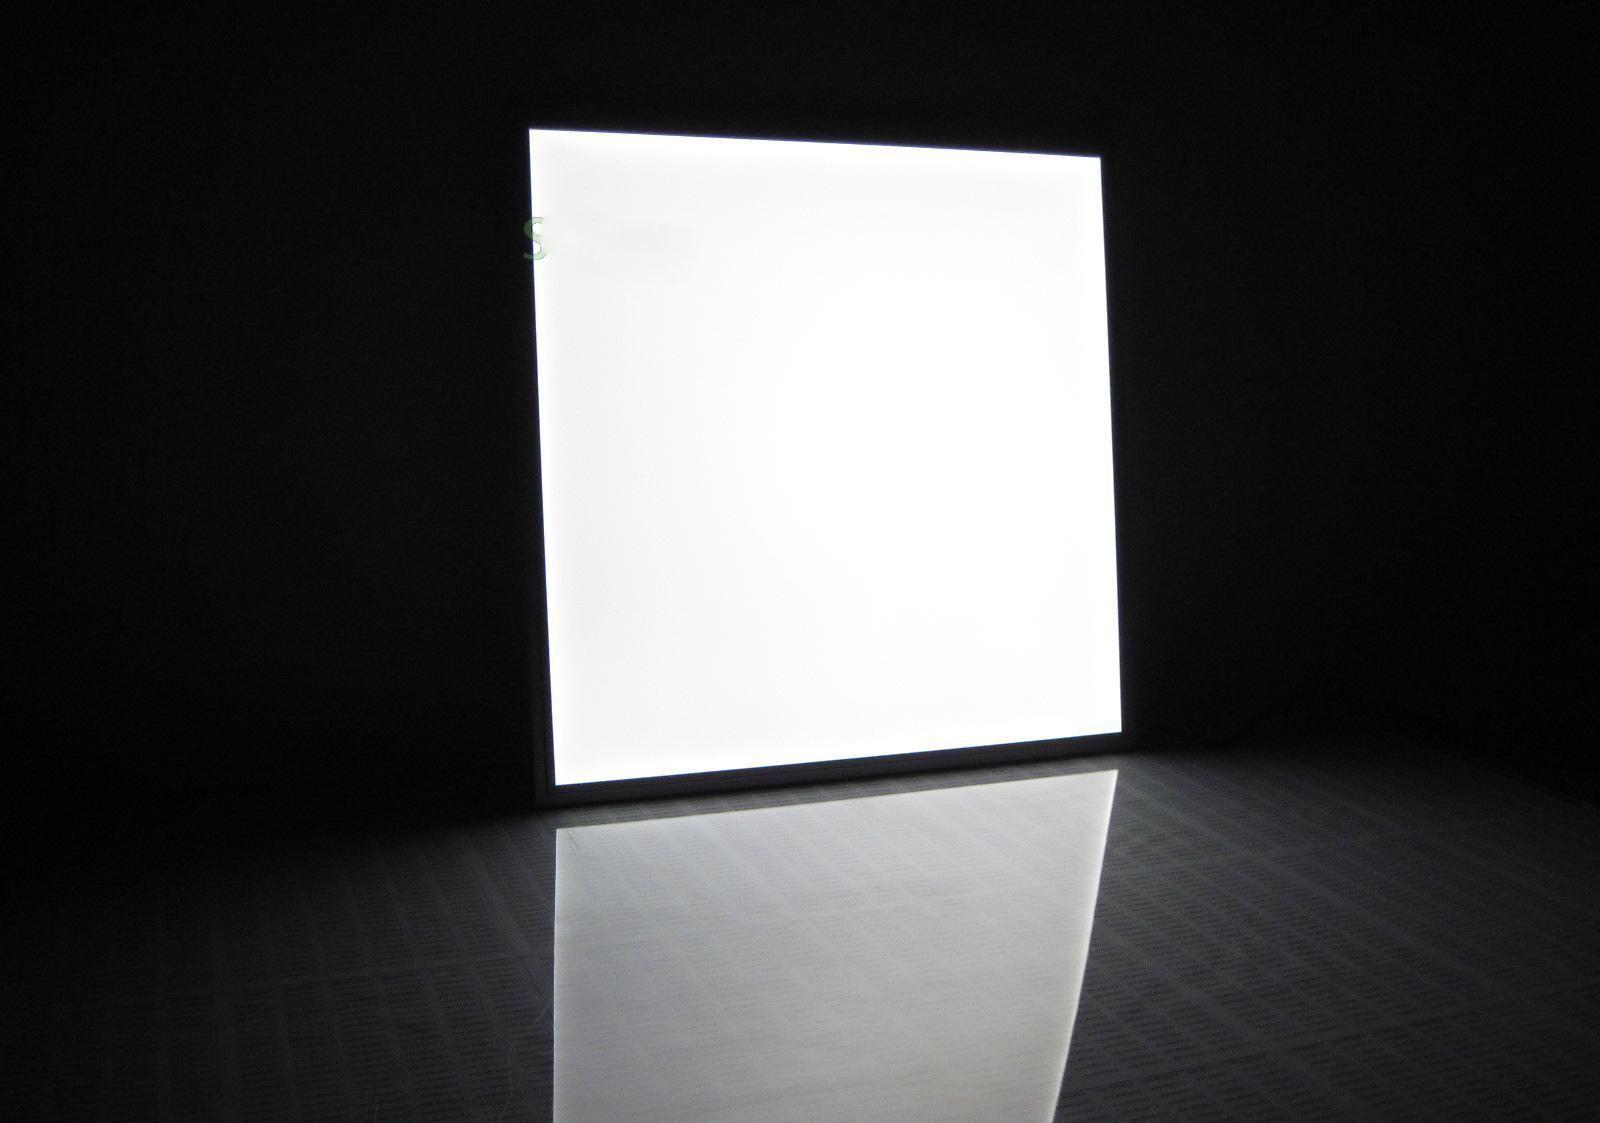 Plafoniere Quadrate Led : Led panel w quadrat deckenleuchte cm